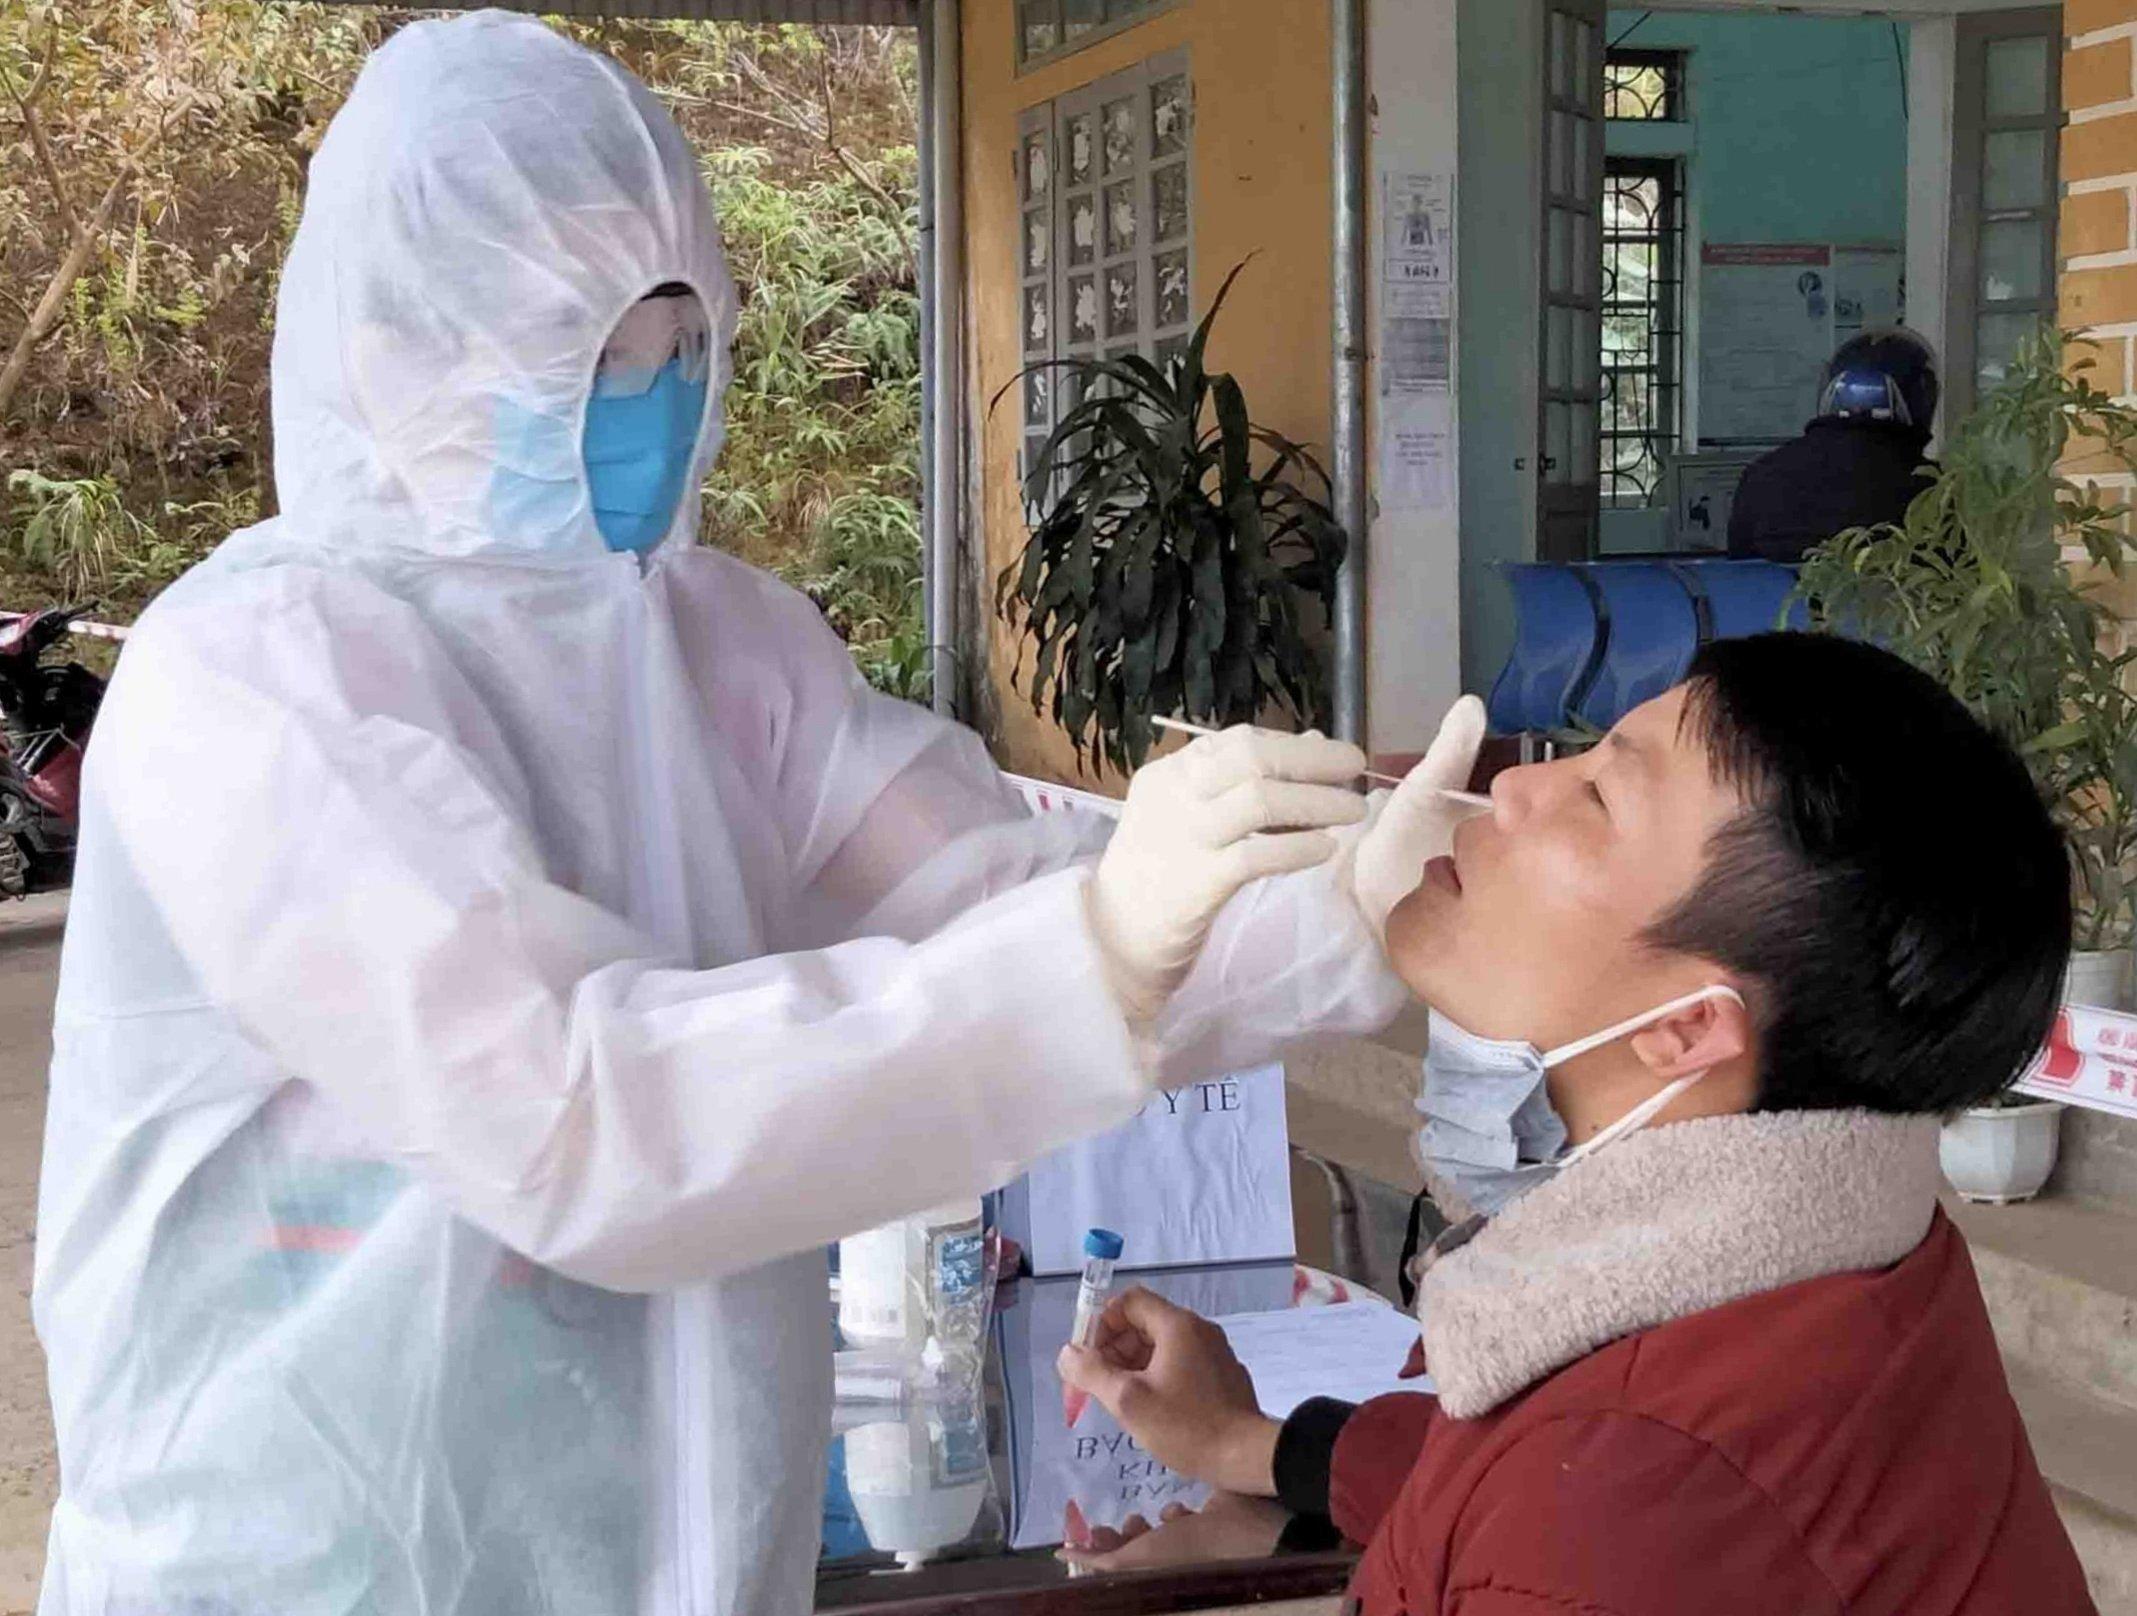 Trung tâm Y tế huyện Tân Uyên lấy mẫu người về từ Hải Dương. Ảnh: Báo Lai Châu.